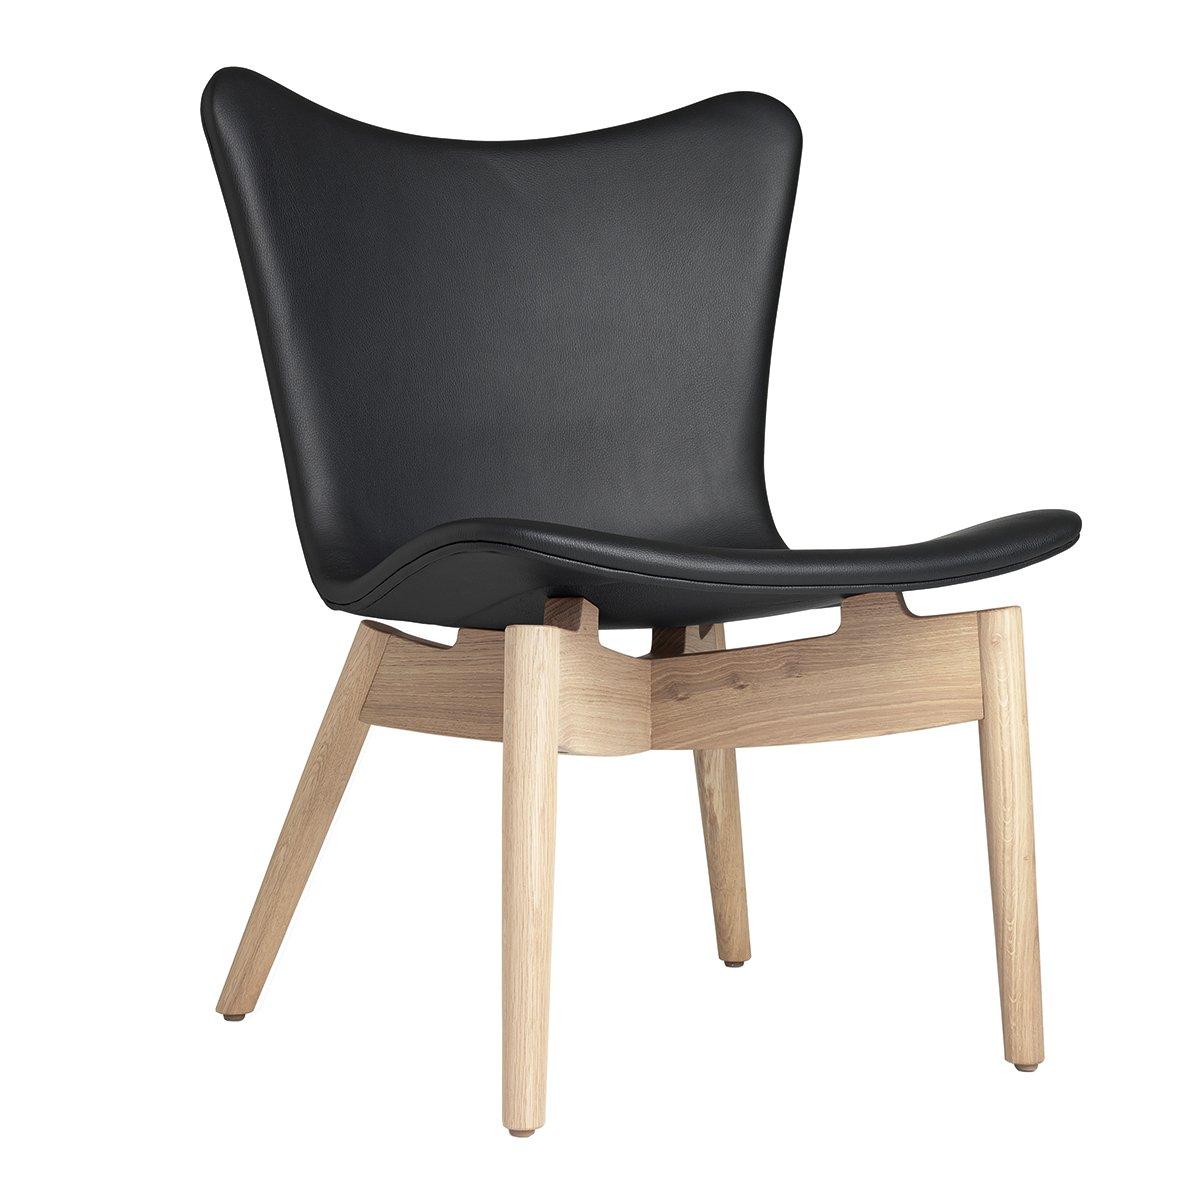 Mater Shell Lounge Chair - Ultra Black/Mat Gelakt